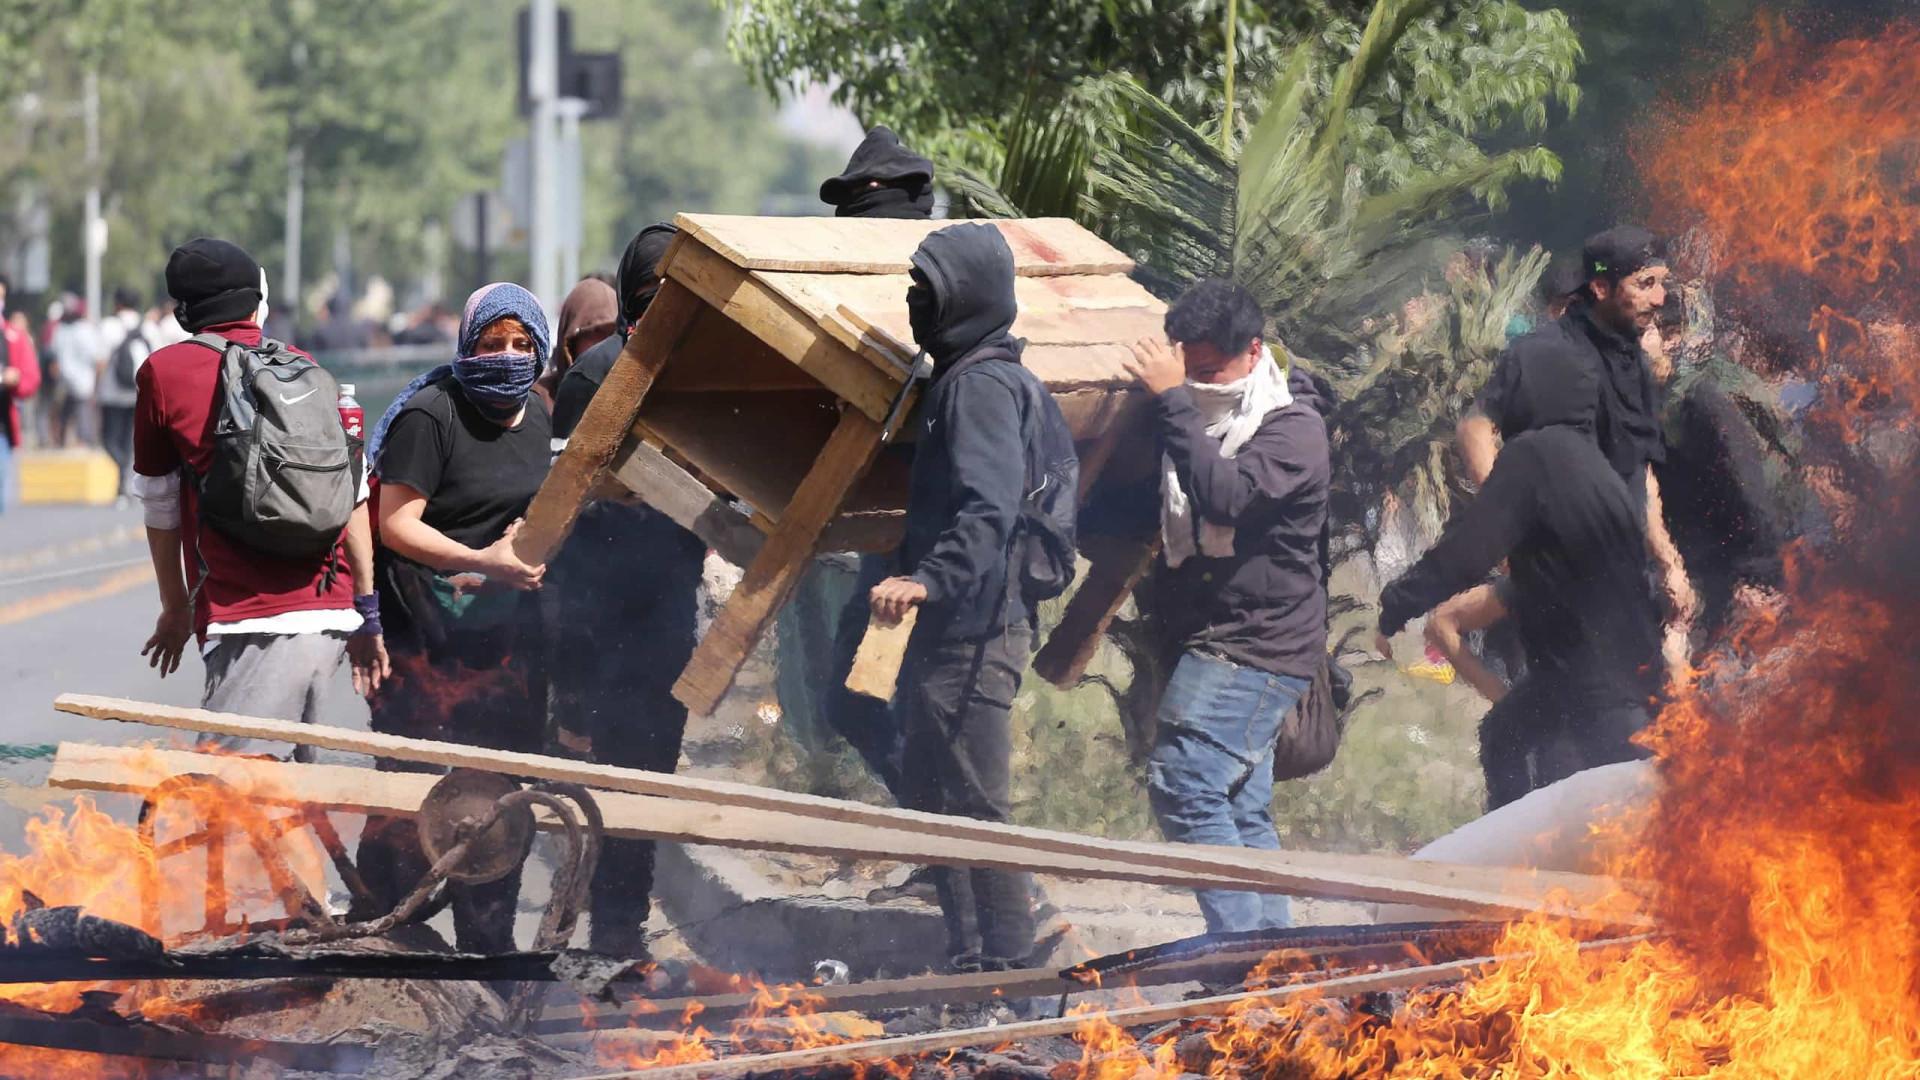 Novos confrontos no Chile na maior revolta social das últimas décadas